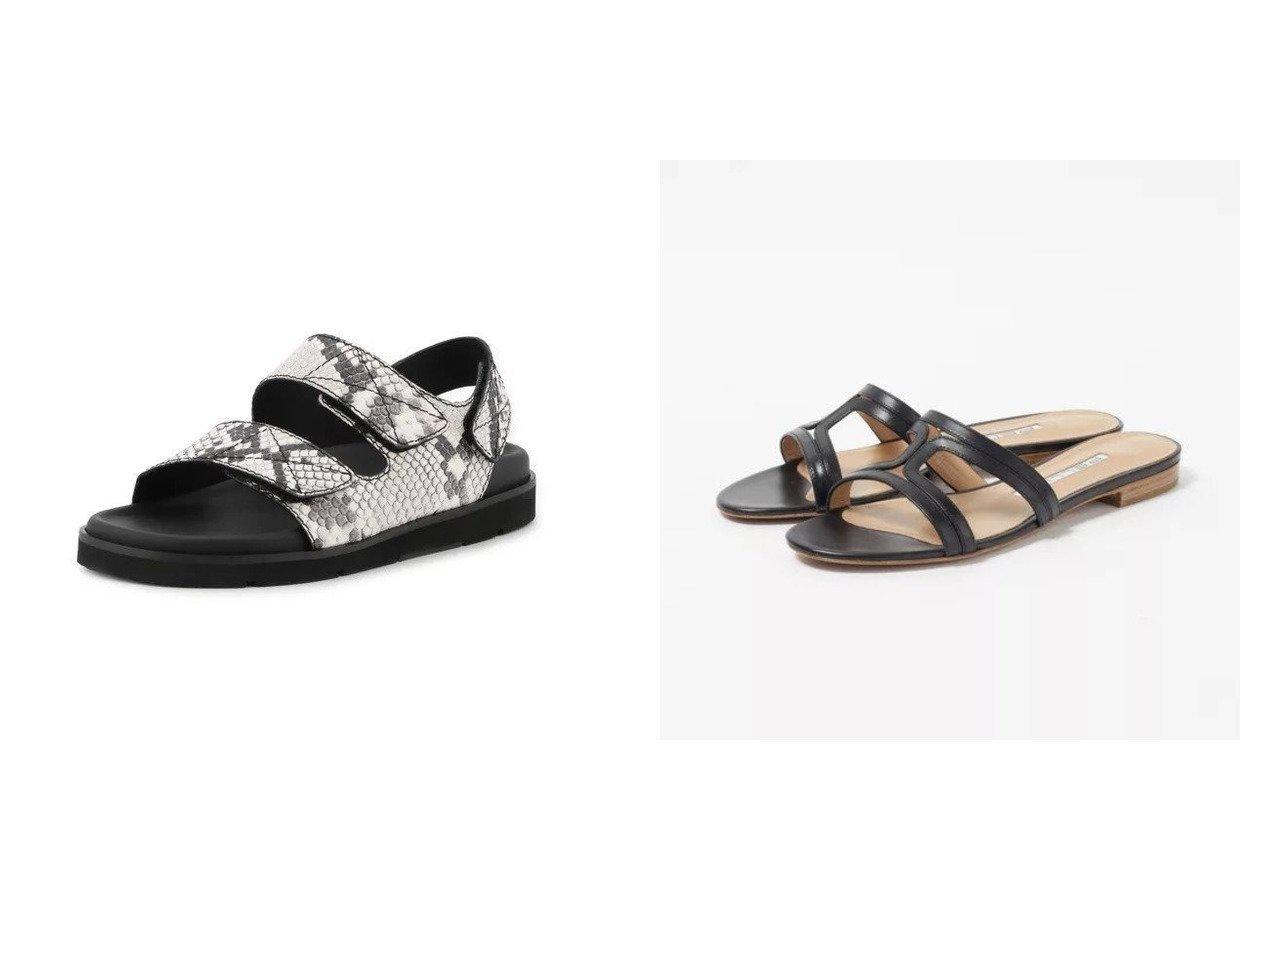 【PELLICO/ペリーコ】のフラットサンダル&【PELLICO SUNNY/ペリーコ サニー】のベルクロスポーツサンダル 【シューズ・靴】おすすめ!人気、トレンド・レディースファッションの通販 おすすめで人気の流行・トレンド、ファッションの通販商品 メンズファッション・キッズファッション・インテリア・家具・レディースファッション・服の通販 founy(ファニー) https://founy.com/ 雑誌掲載アイテム Magazine Items ファッション雑誌 Fashion Magazines エクラ eclat ファッション Fashion レディースファッション WOMEN スポーツウェア Sportswear サンダル / ミュール Sandals スポーツ シューズ Shoes 5月号 サマー サンダル シューズ デニム ドレス フラット 定番 Standard 雑誌 コレクション スニーカー スポーツ フィット 厚底 |ID:crp329100000035478